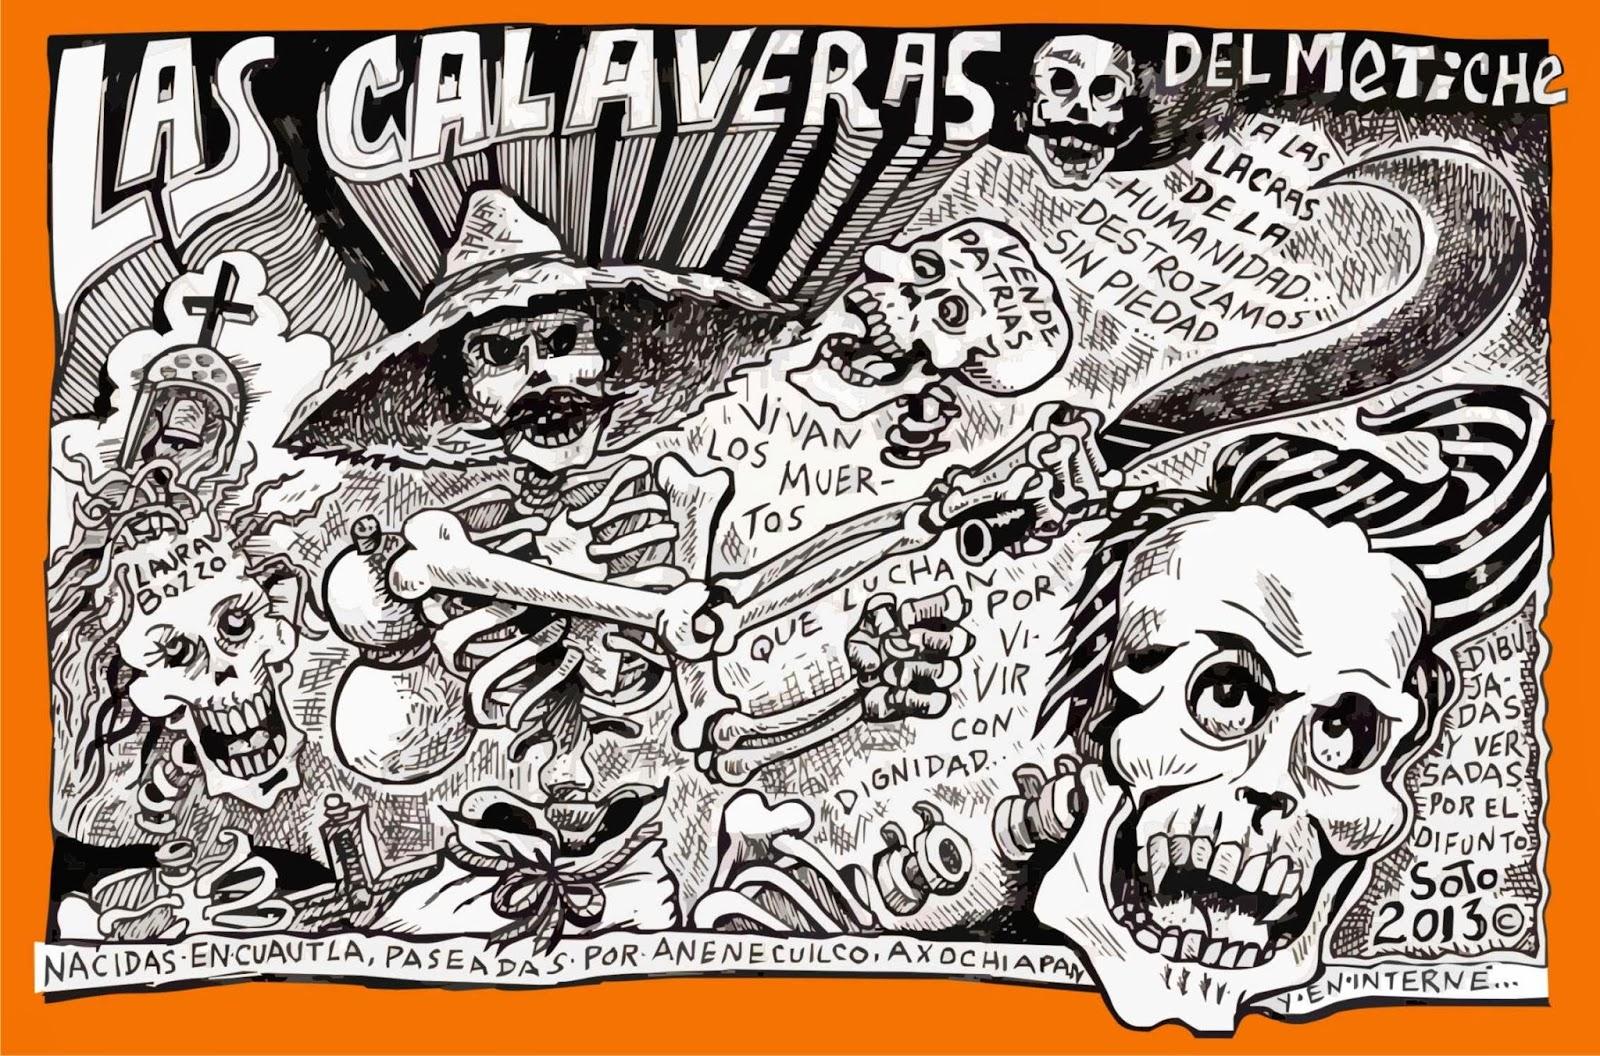 Calaveras, versos, dibujos, caricaturas politicas, de ruben eduardo